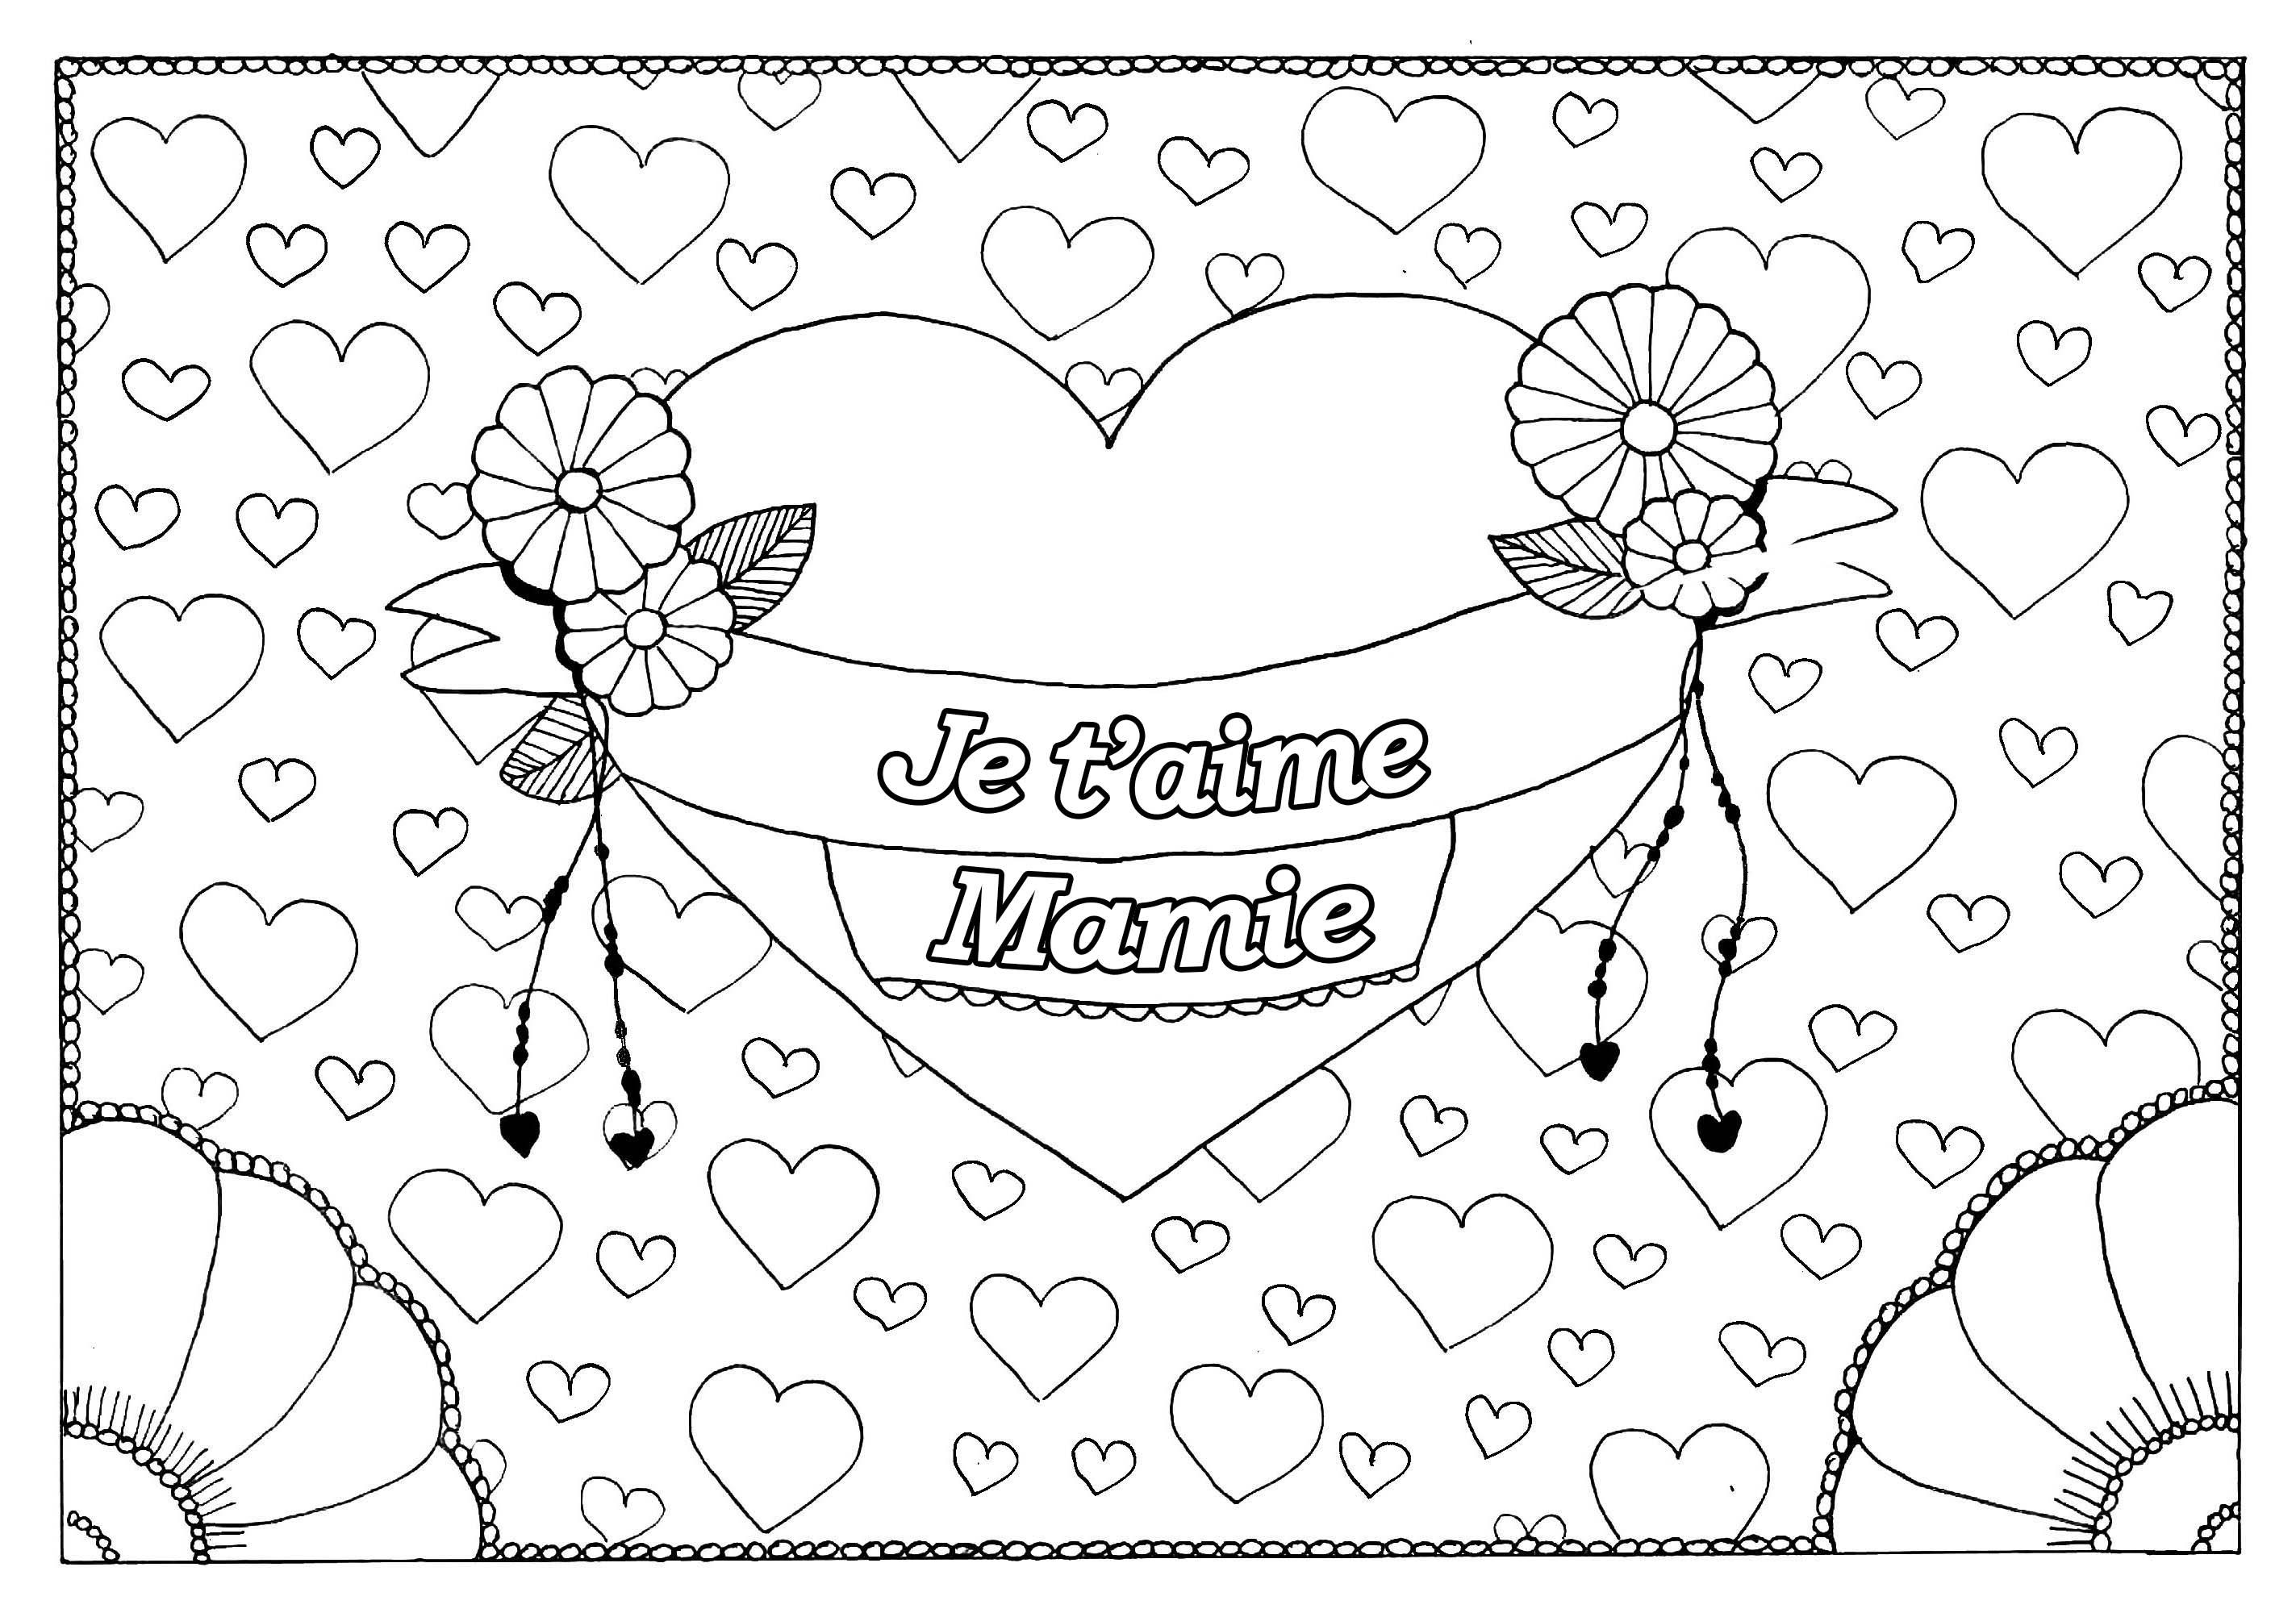 Coloriage spécial Fête des pères : Gros coeur et petits coeurs - Je t'aime Mamie